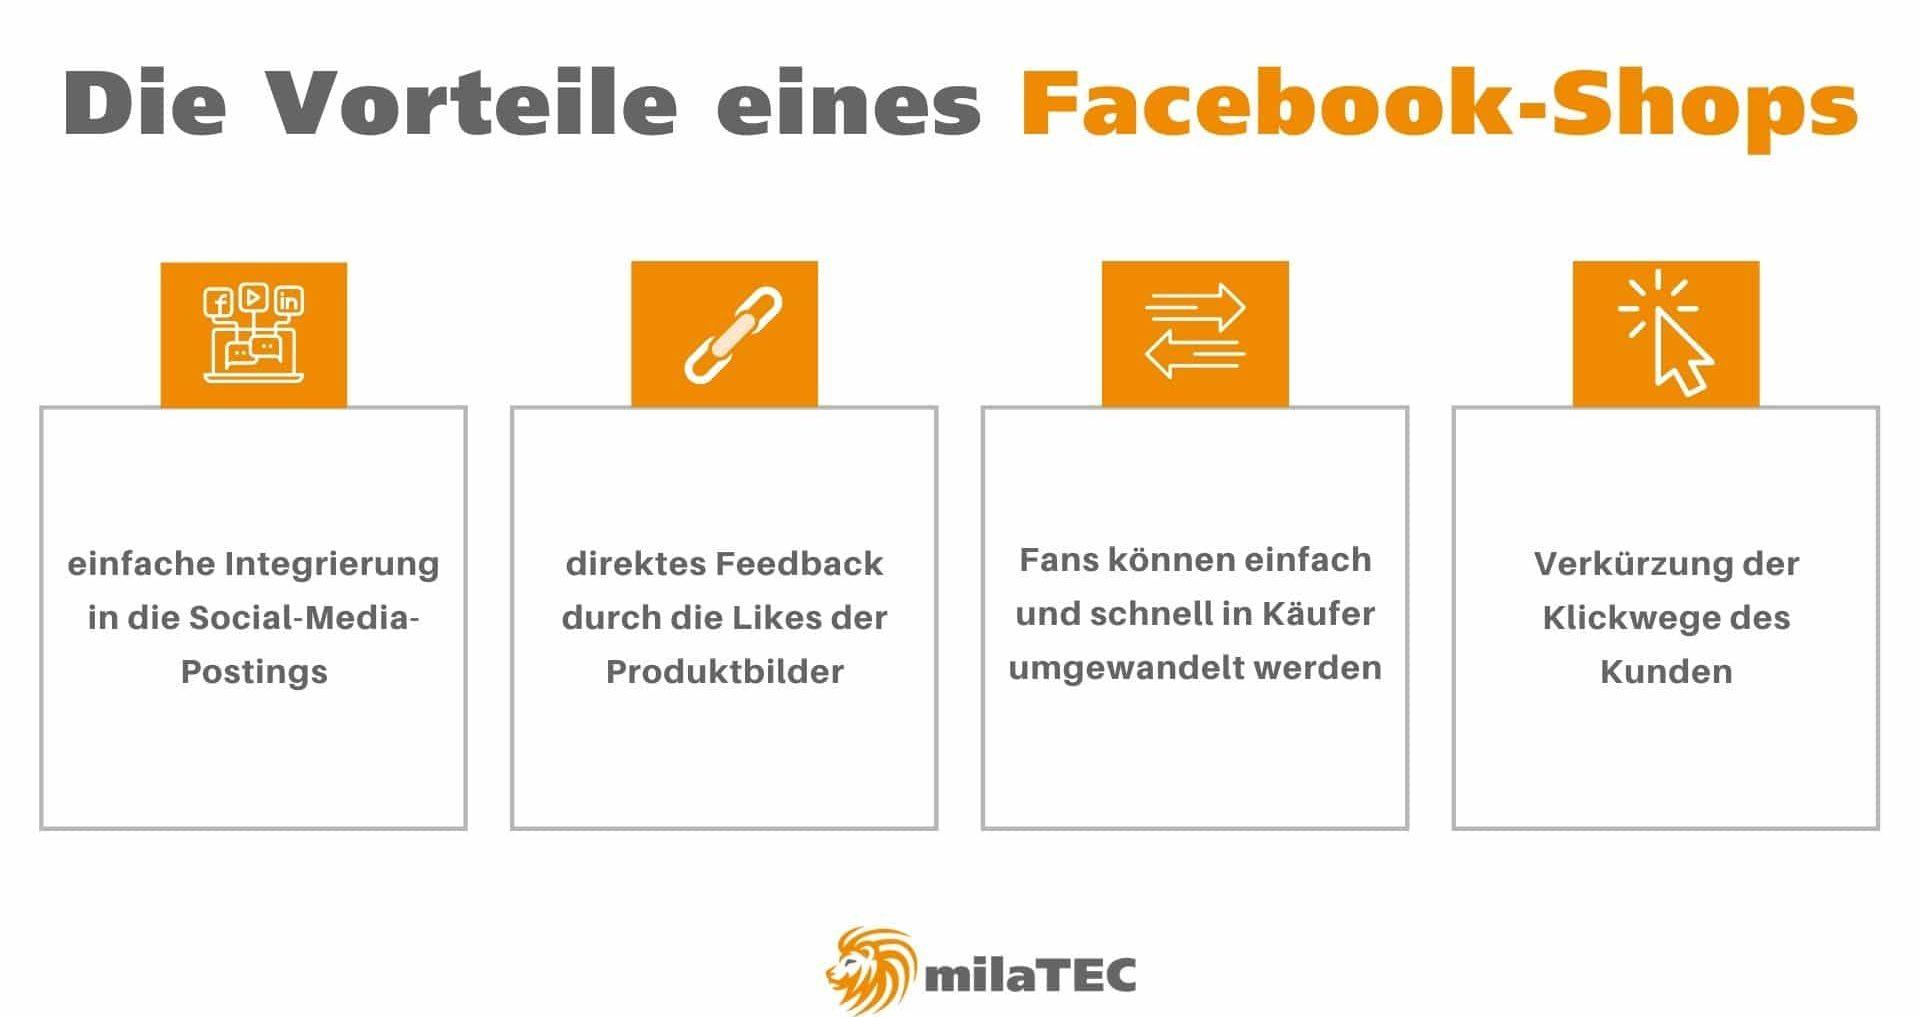 Facebook-Shop Vorteile